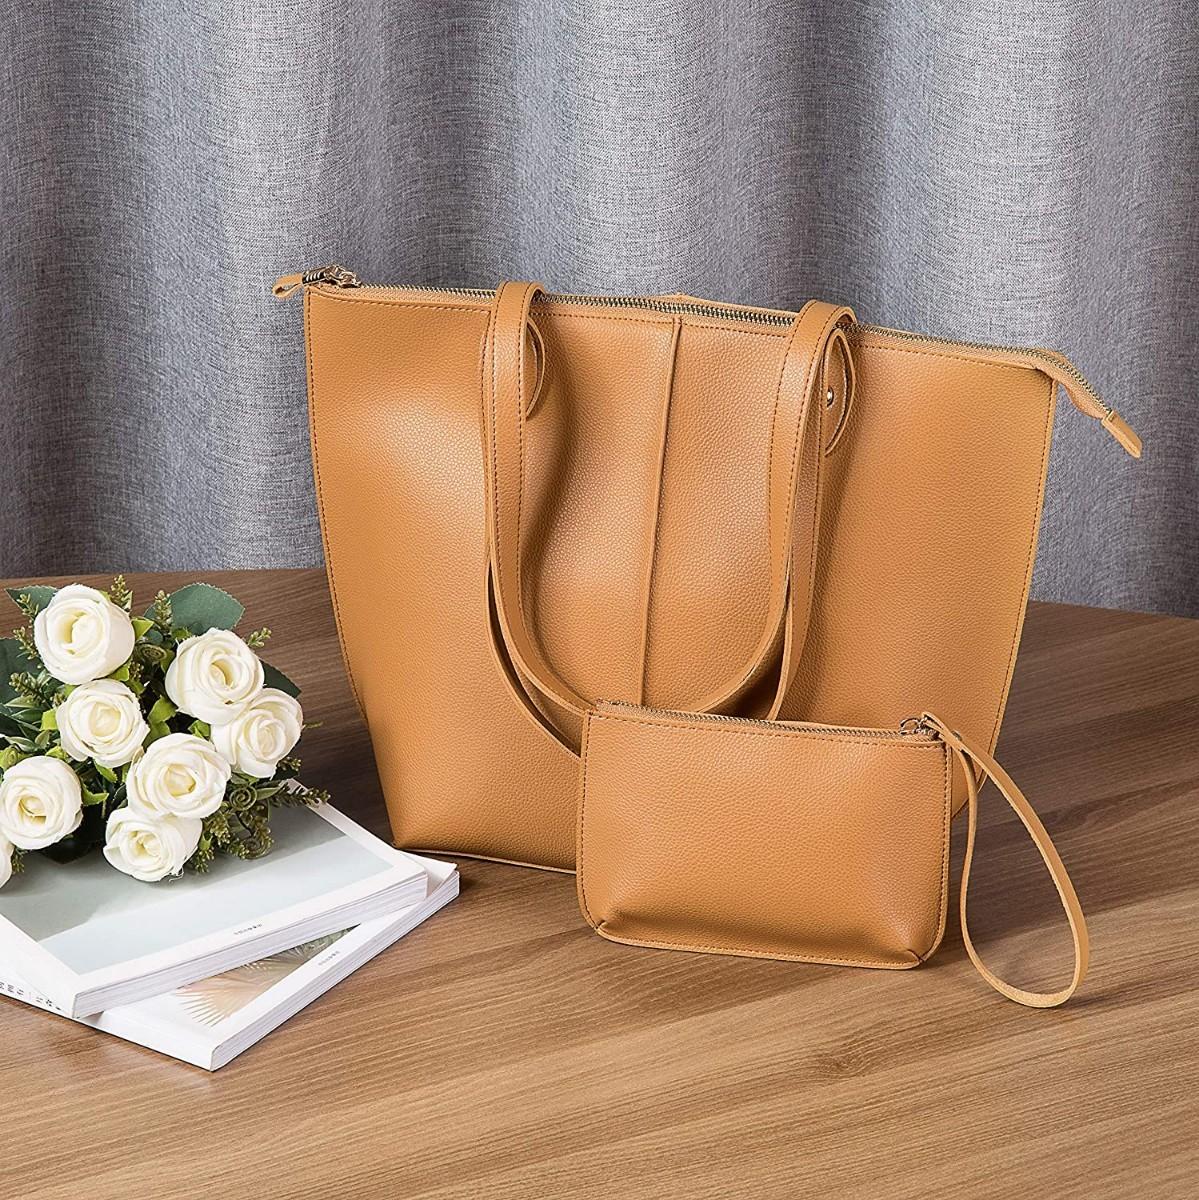 レディース通勤ビジネスバッグ トットバッグ 合成皮革ブラウン レザートートバッグ 親子セット 大容量 A4